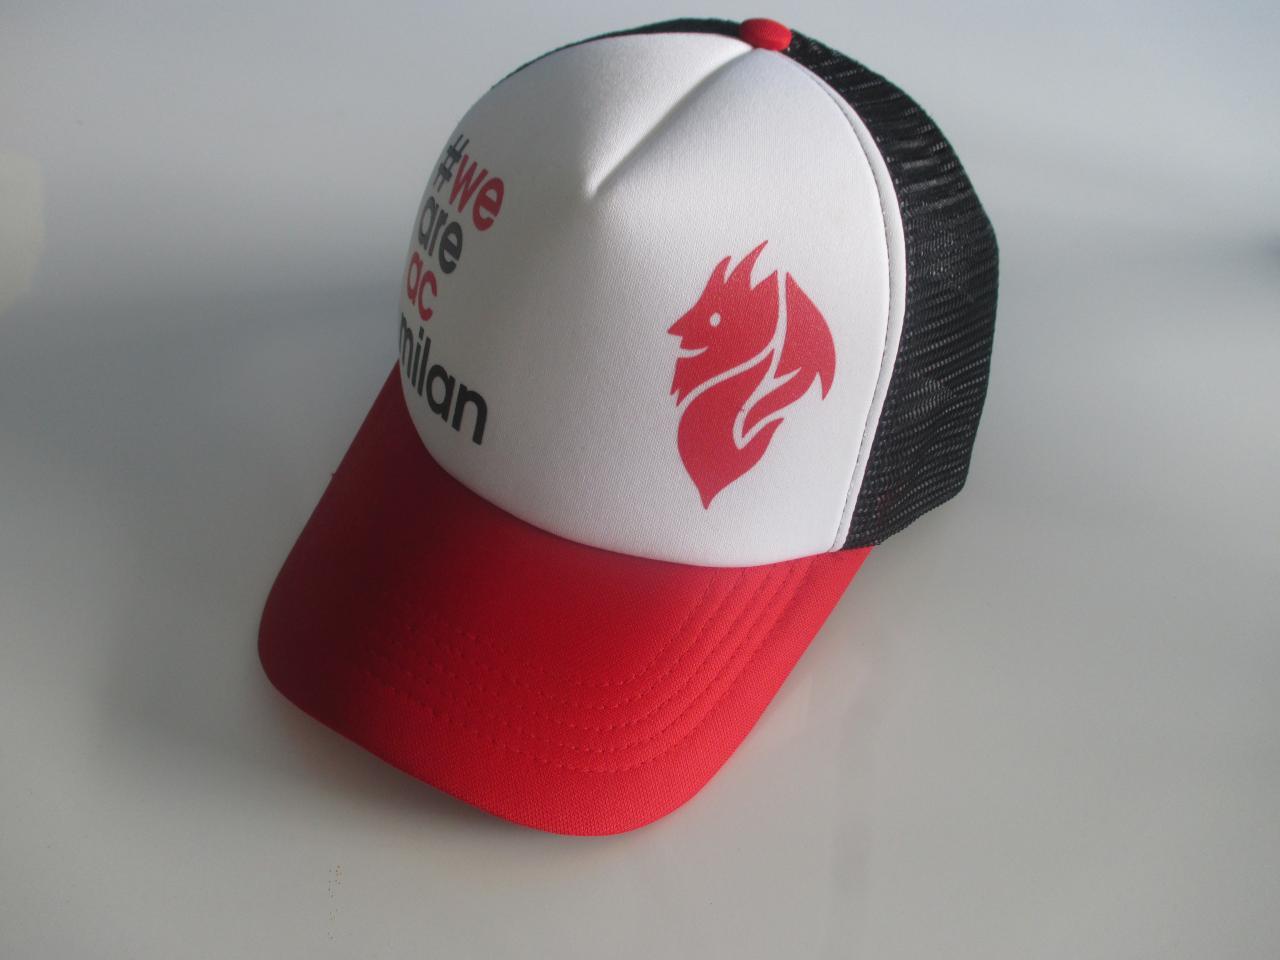 Perusahaan Pusat Konveksi Topi di Bandung Call 085 2222 13999 2c0099488f